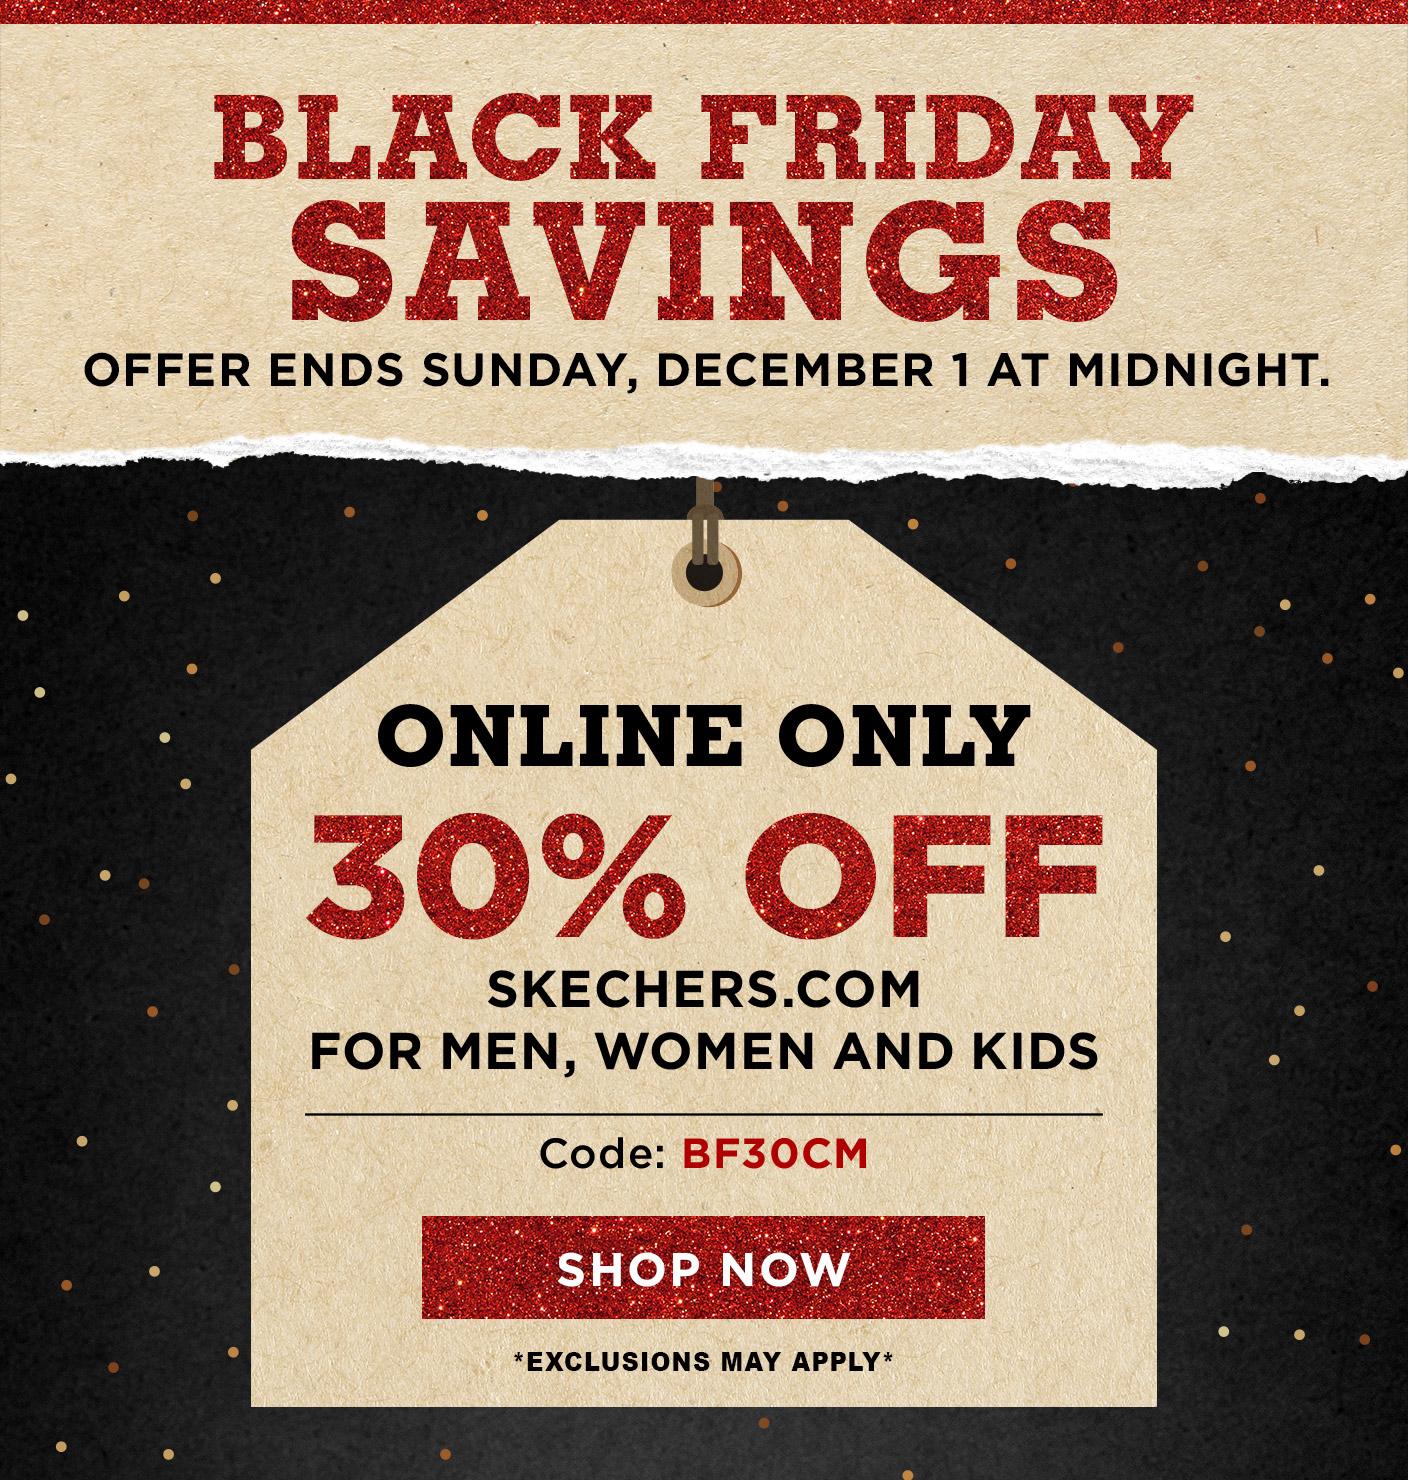 skechers black friday deals